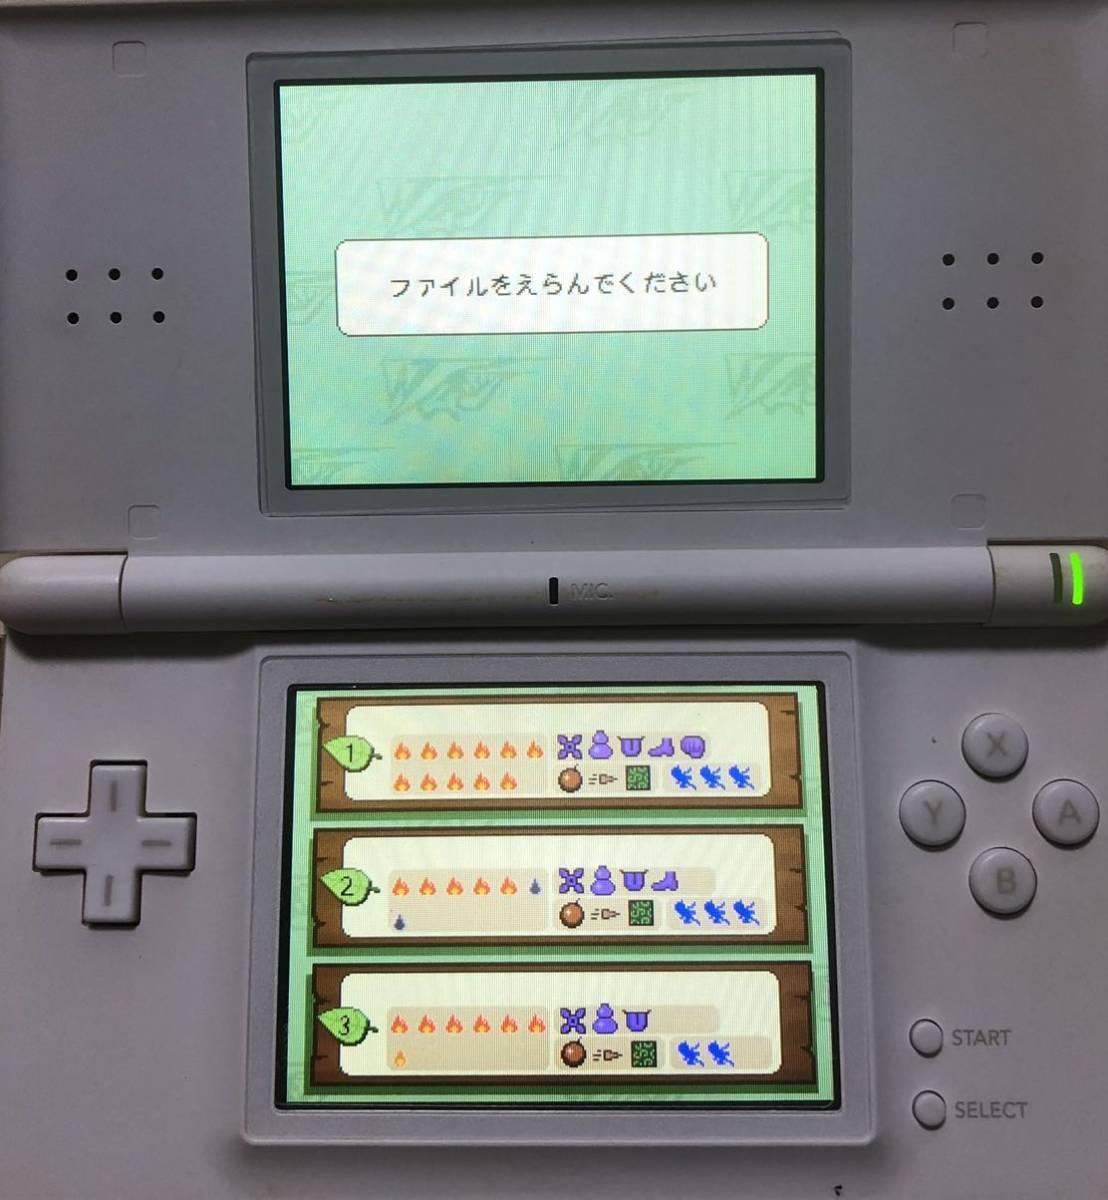 【動作確認画像有り】 DS 少年鬼忍伝 ツムジ ニンテンドーDS Nintendo ゲームソフト カセット アクション アドベンチャー